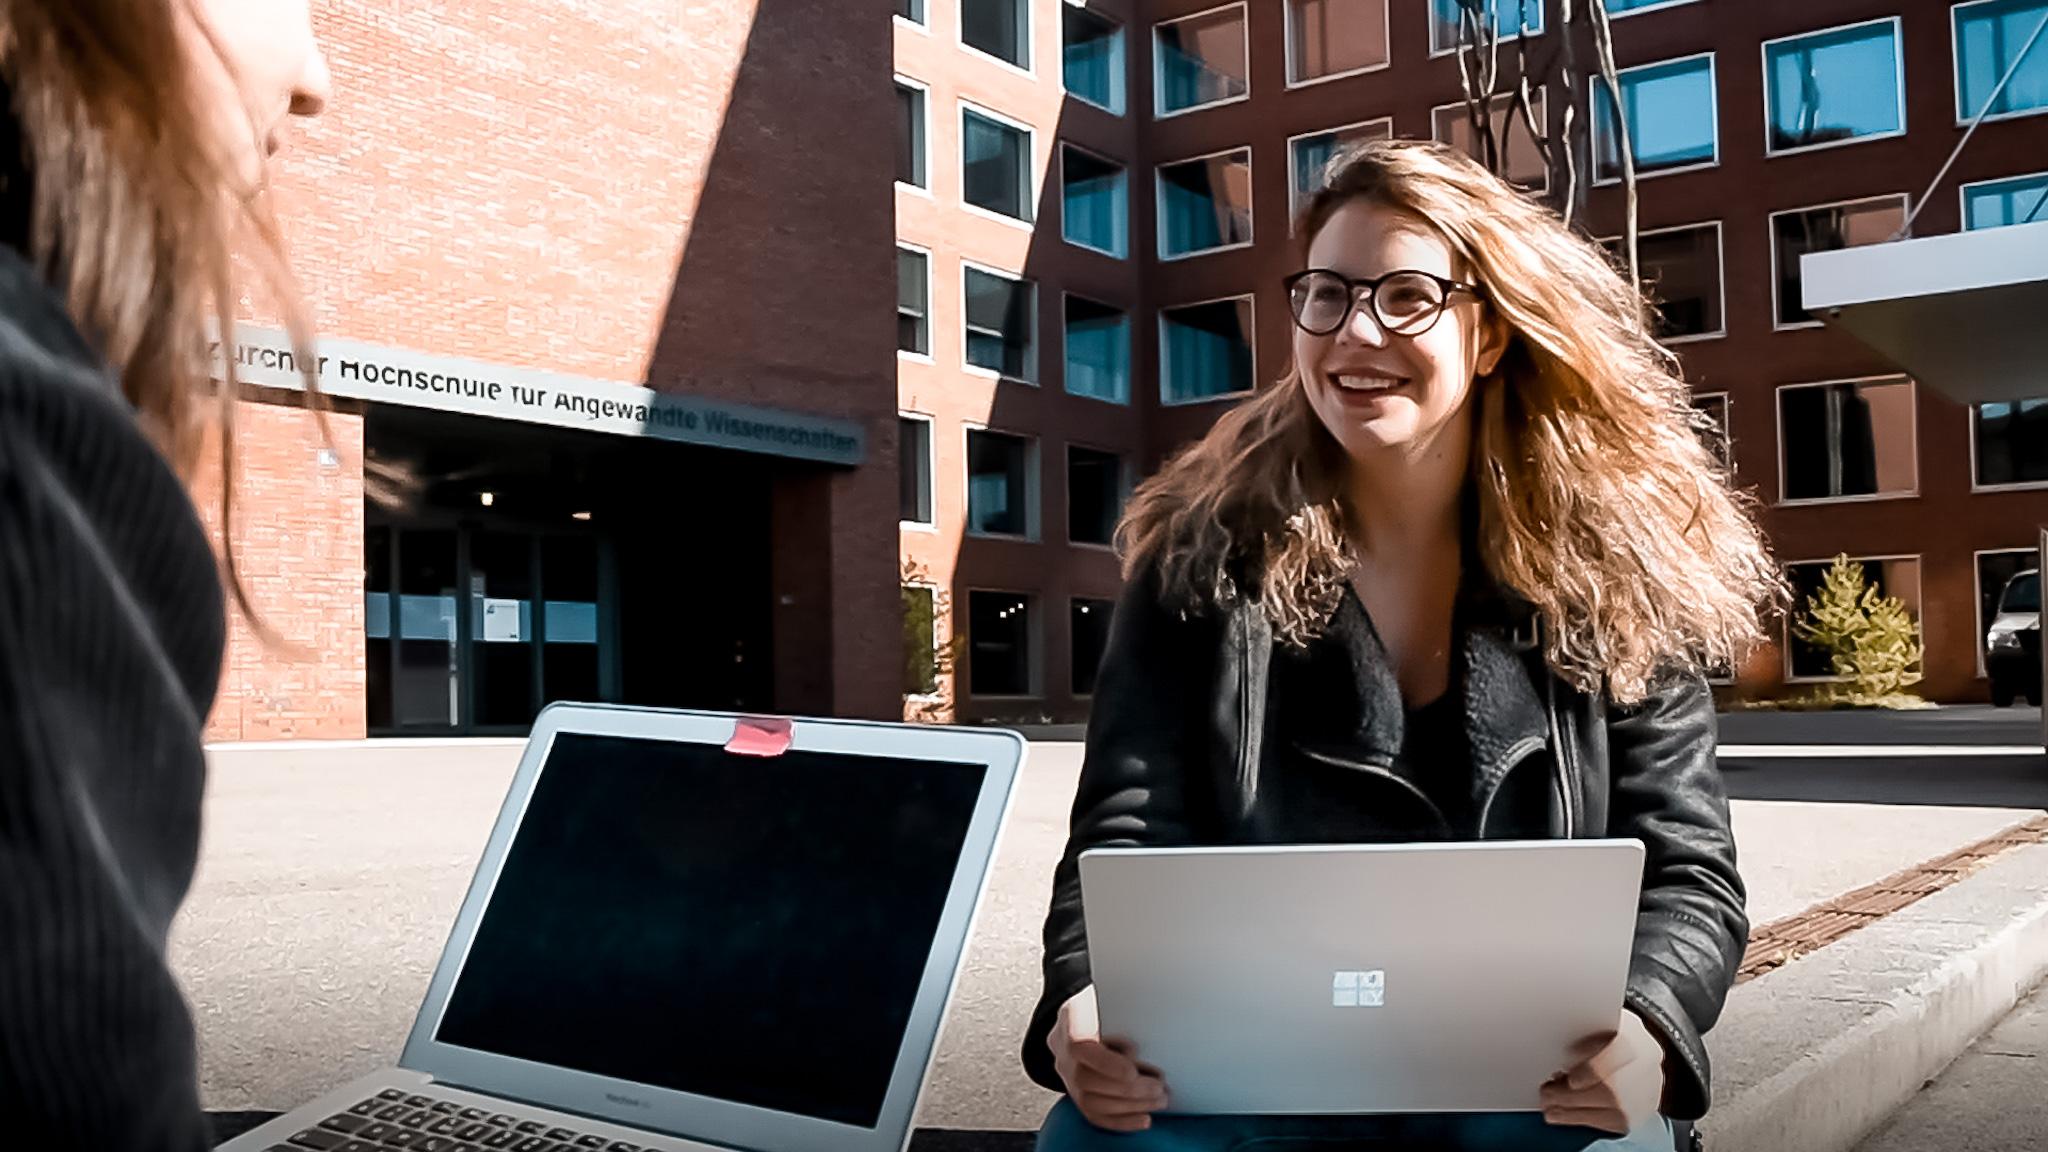 Cristina Arioli vor dem Gebäude der ZHAW Angewandte Linguistik